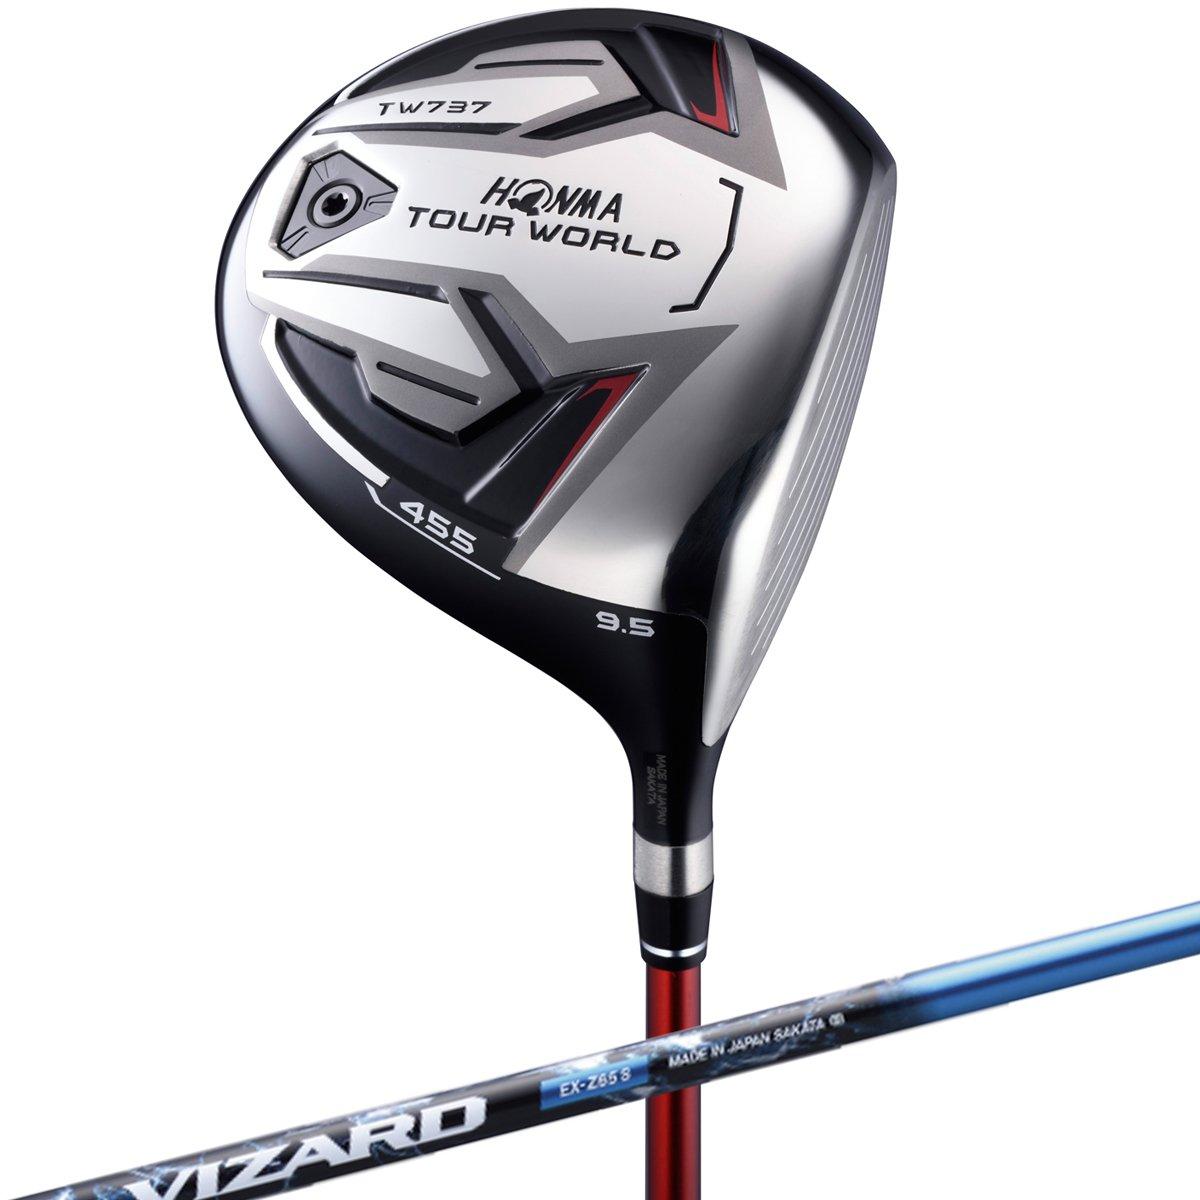 本間ゴルフ ドライバー TOUR WORLD ツアーワールド TW737 455 ドライバー 10.5度 VIZARD EX-Z 65シャフト フレックス:S TW737-455 右 ロフト角:10.5度 番手:1W B01MAZ8R86